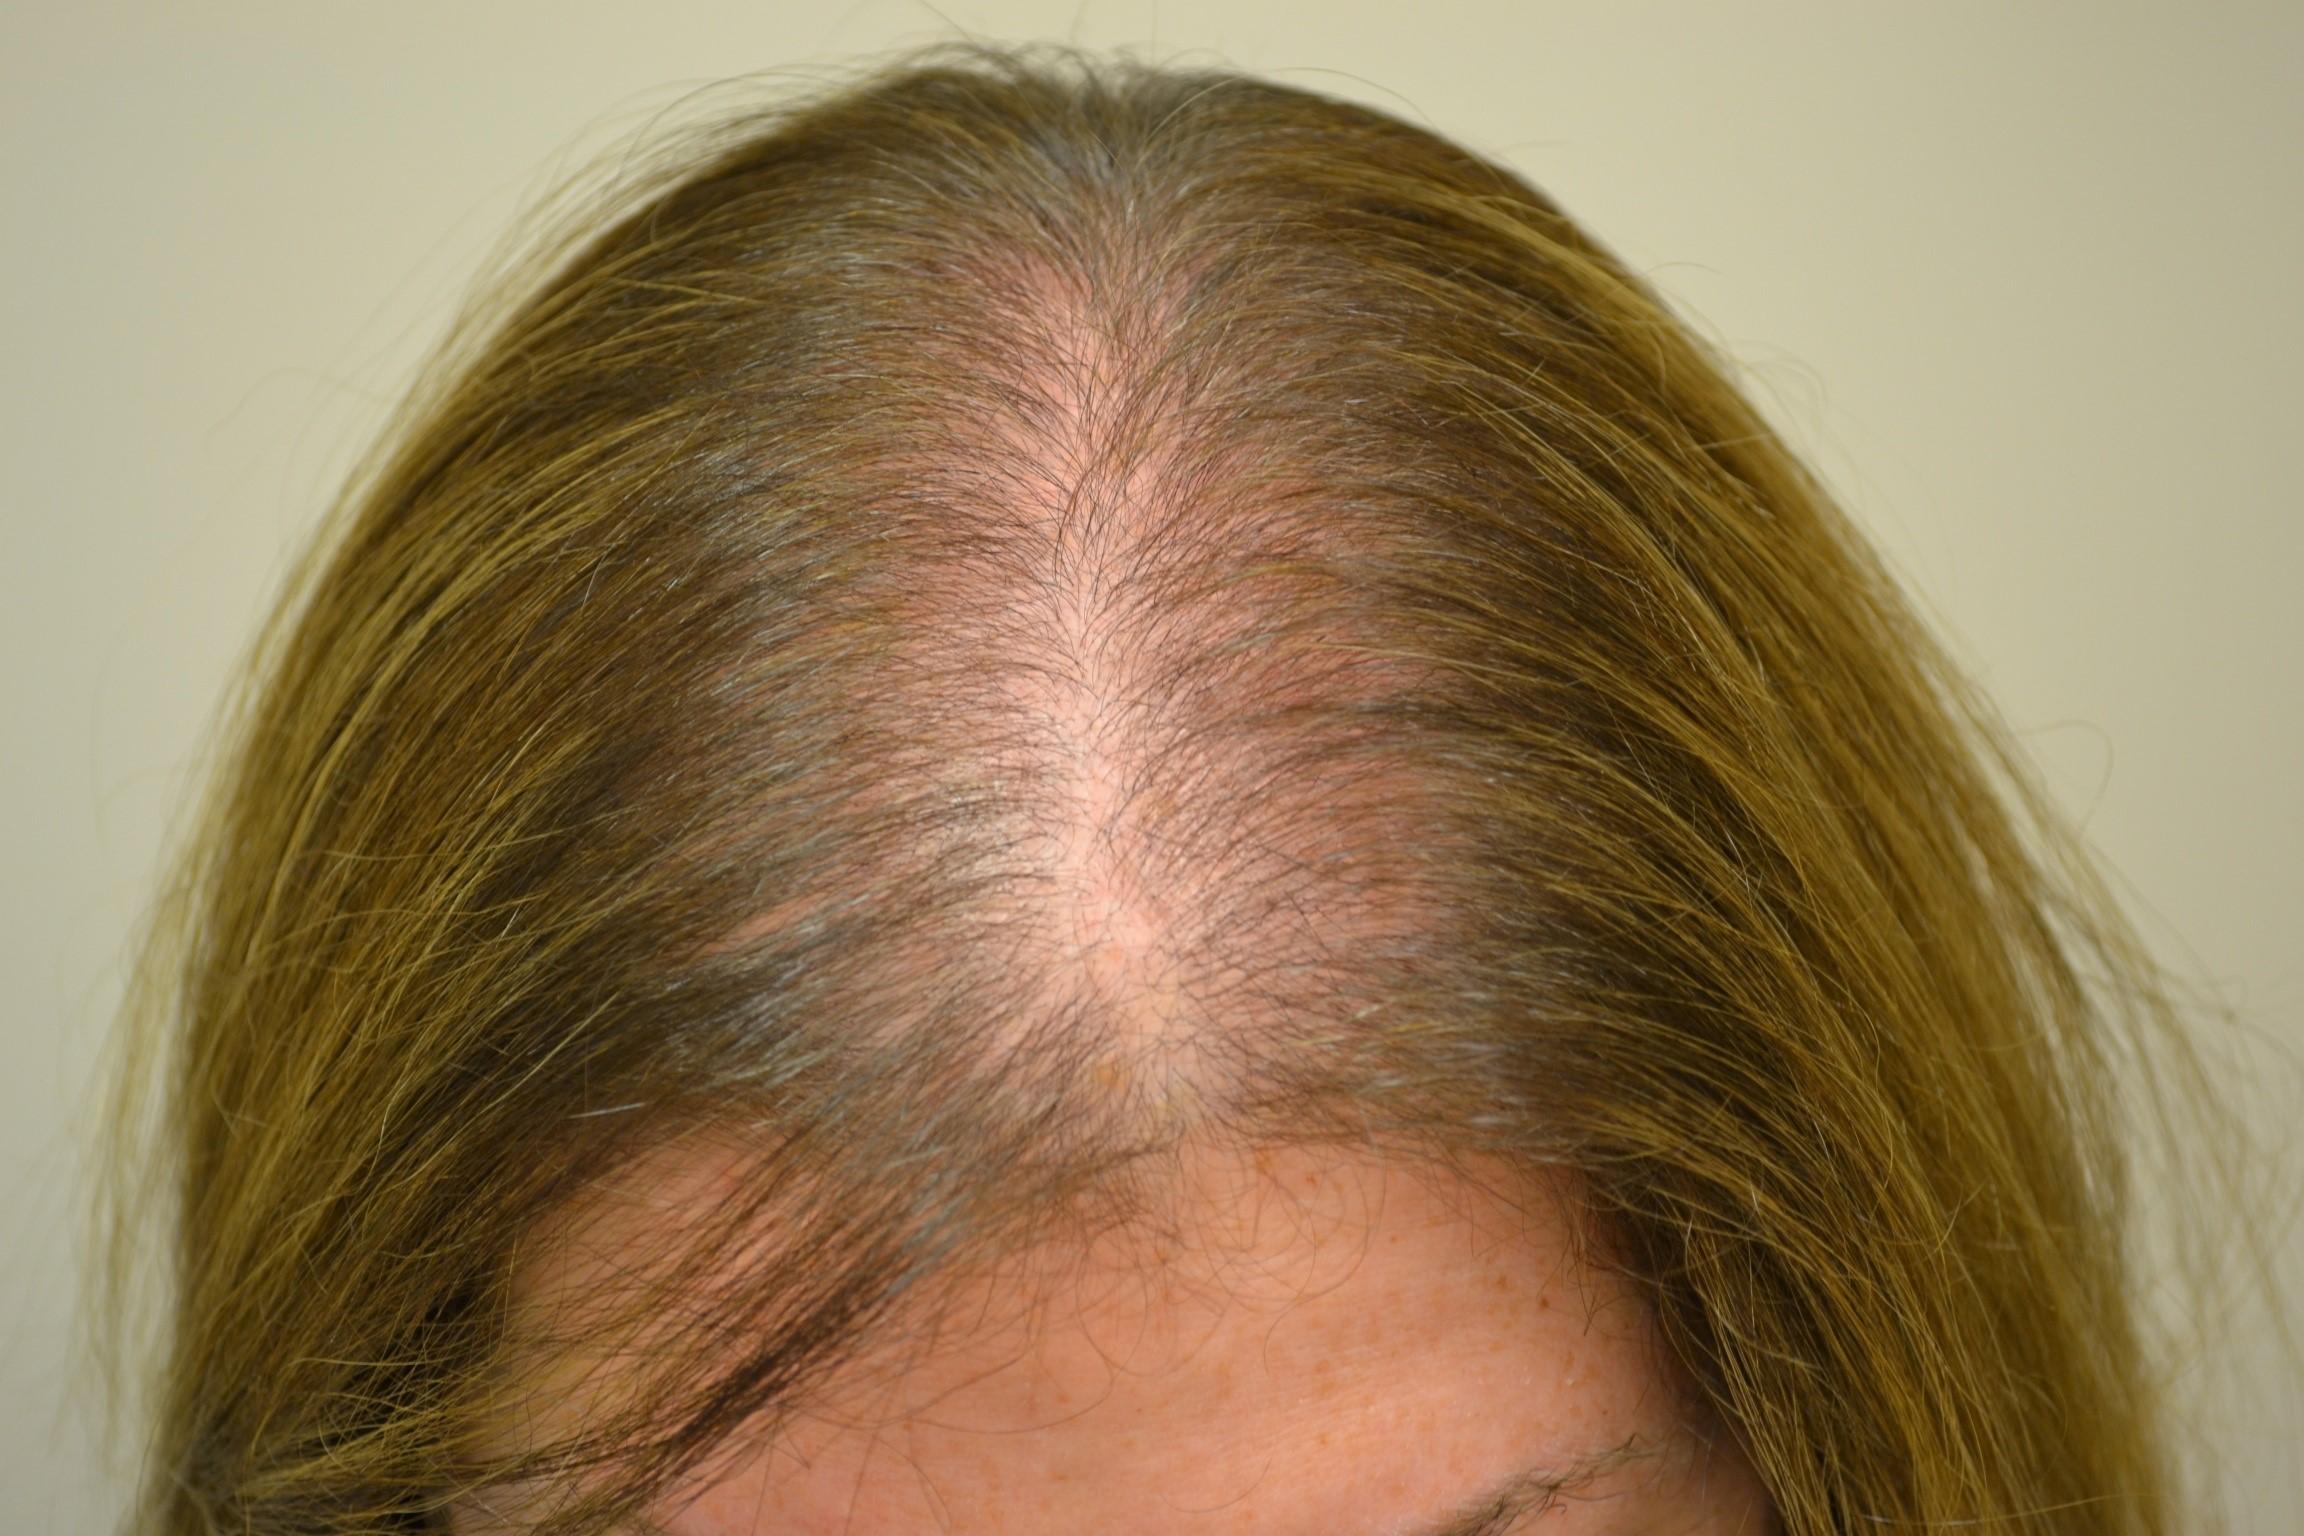 Сильное выпадение волос у женщин: причины и лечение